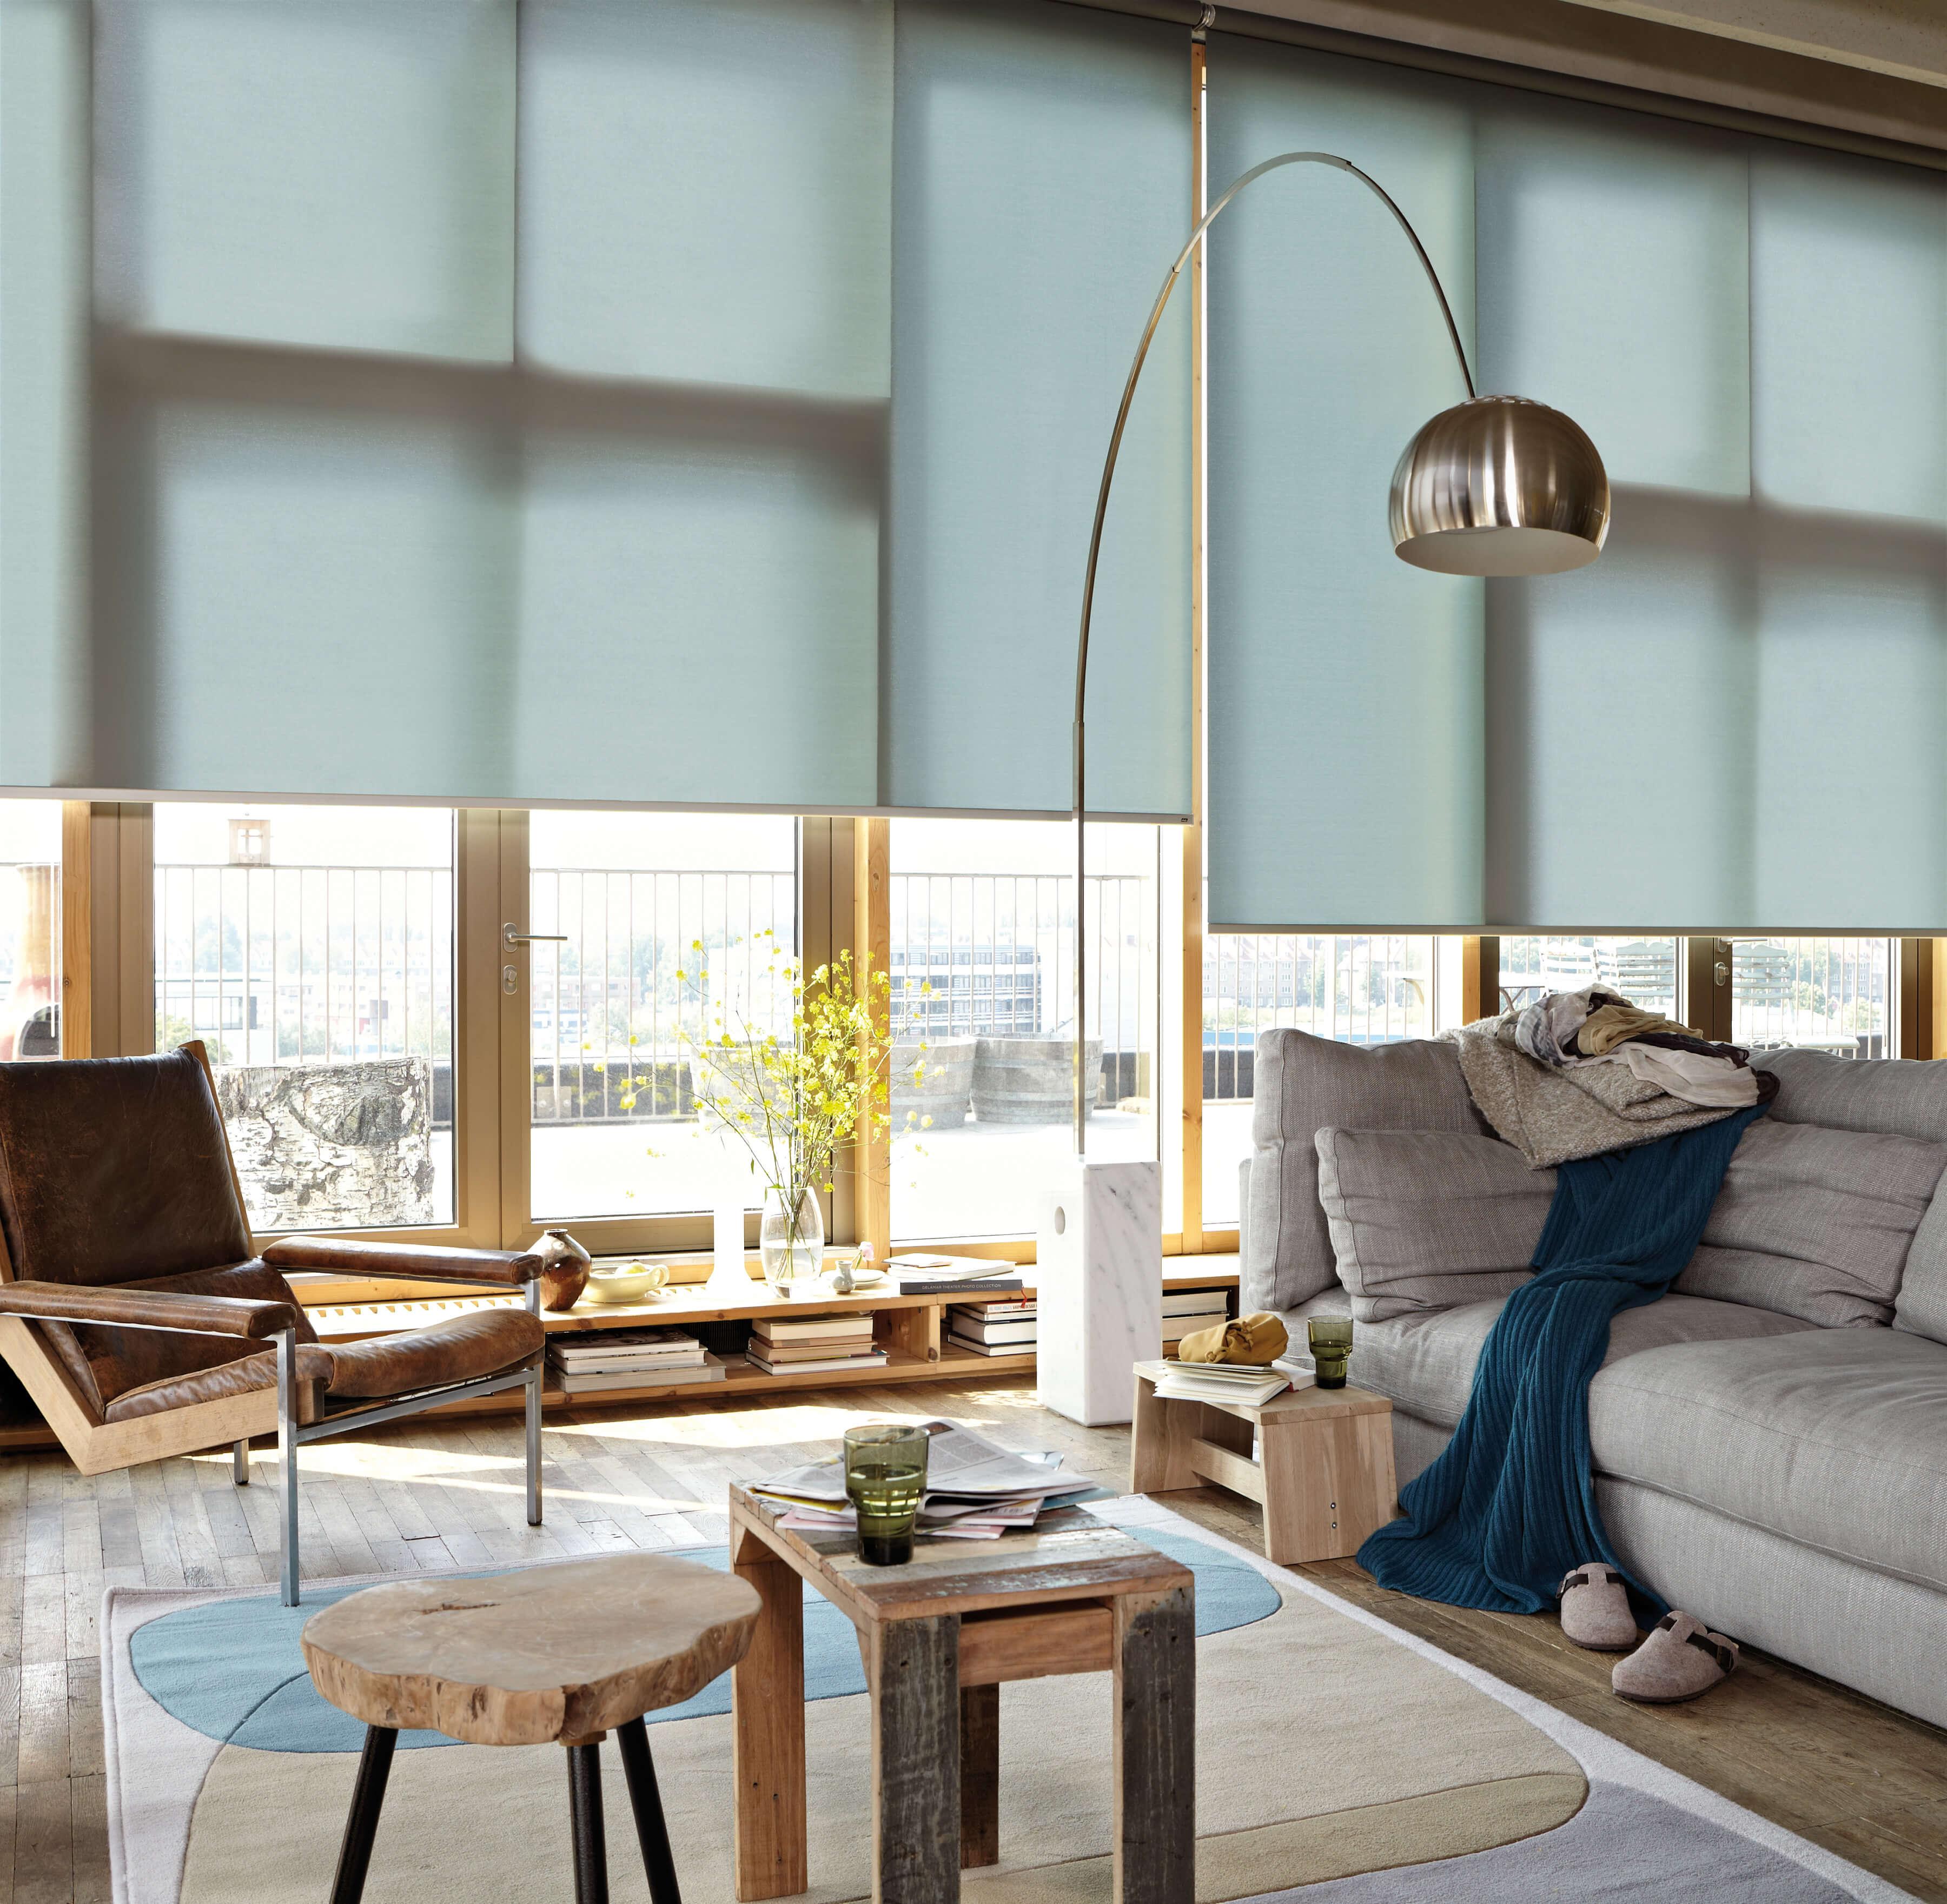 Blau-Grüne Rollos nach Maß im Wohnzimmer